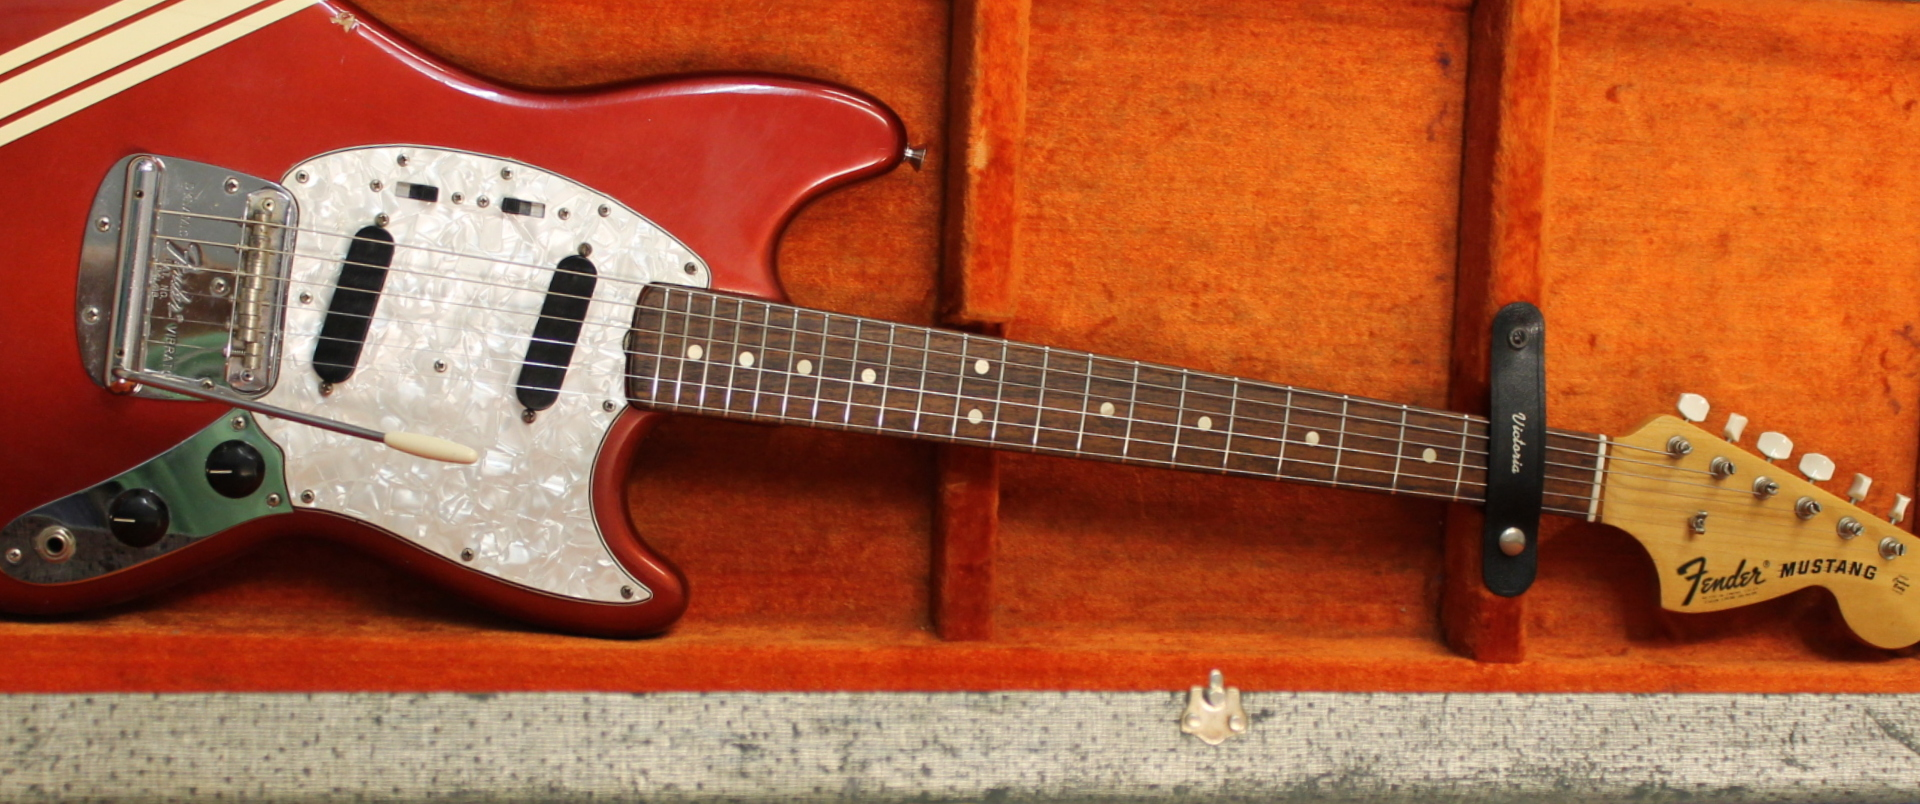 fender mustang competition 1972 guitar for sale kitarakuu. Black Bedroom Furniture Sets. Home Design Ideas